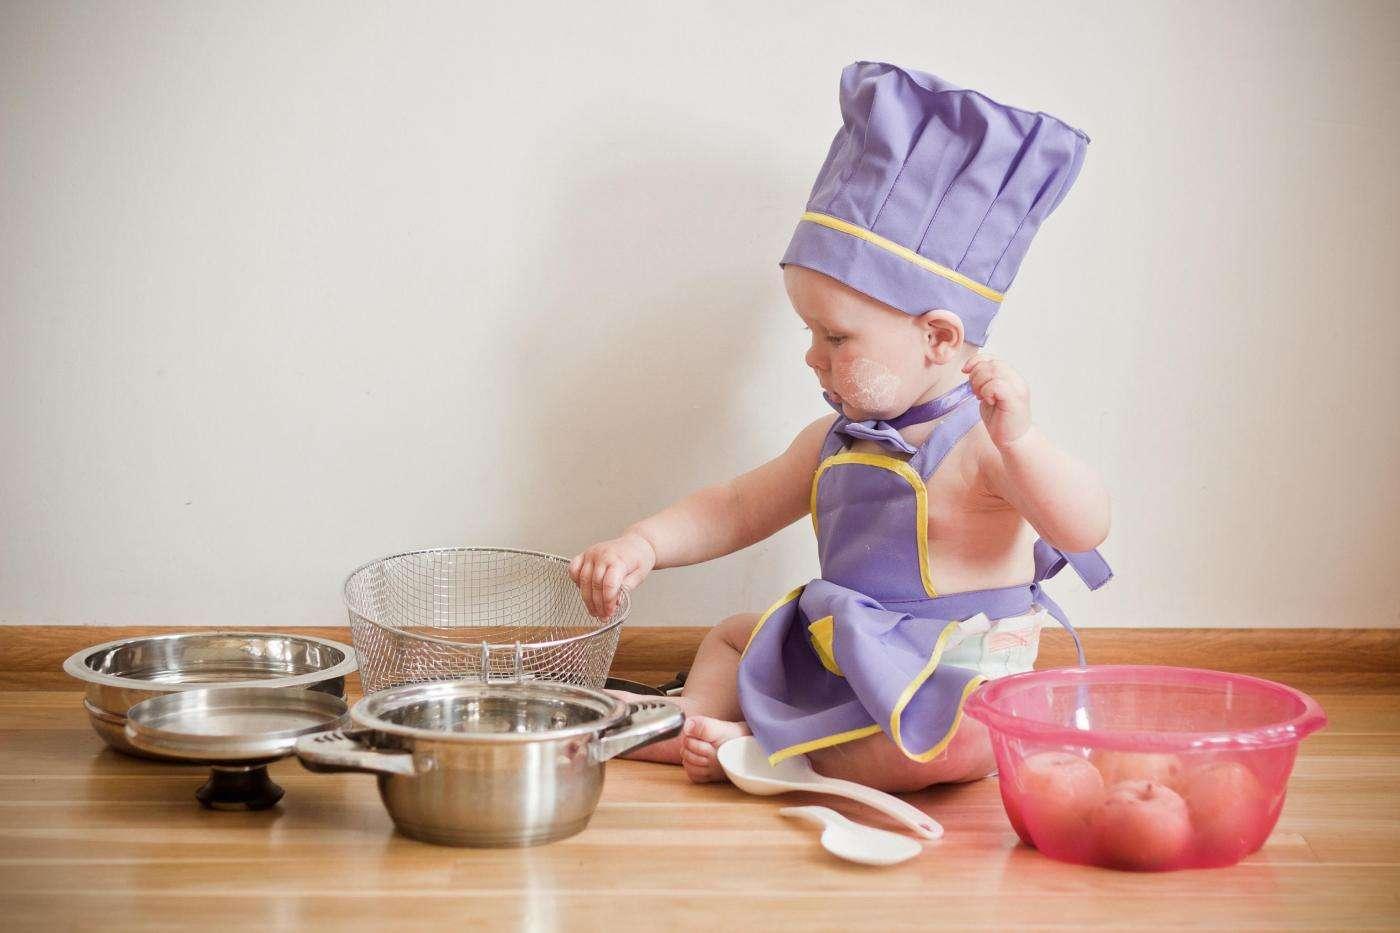 Niño pequeño jugando con cacerolas